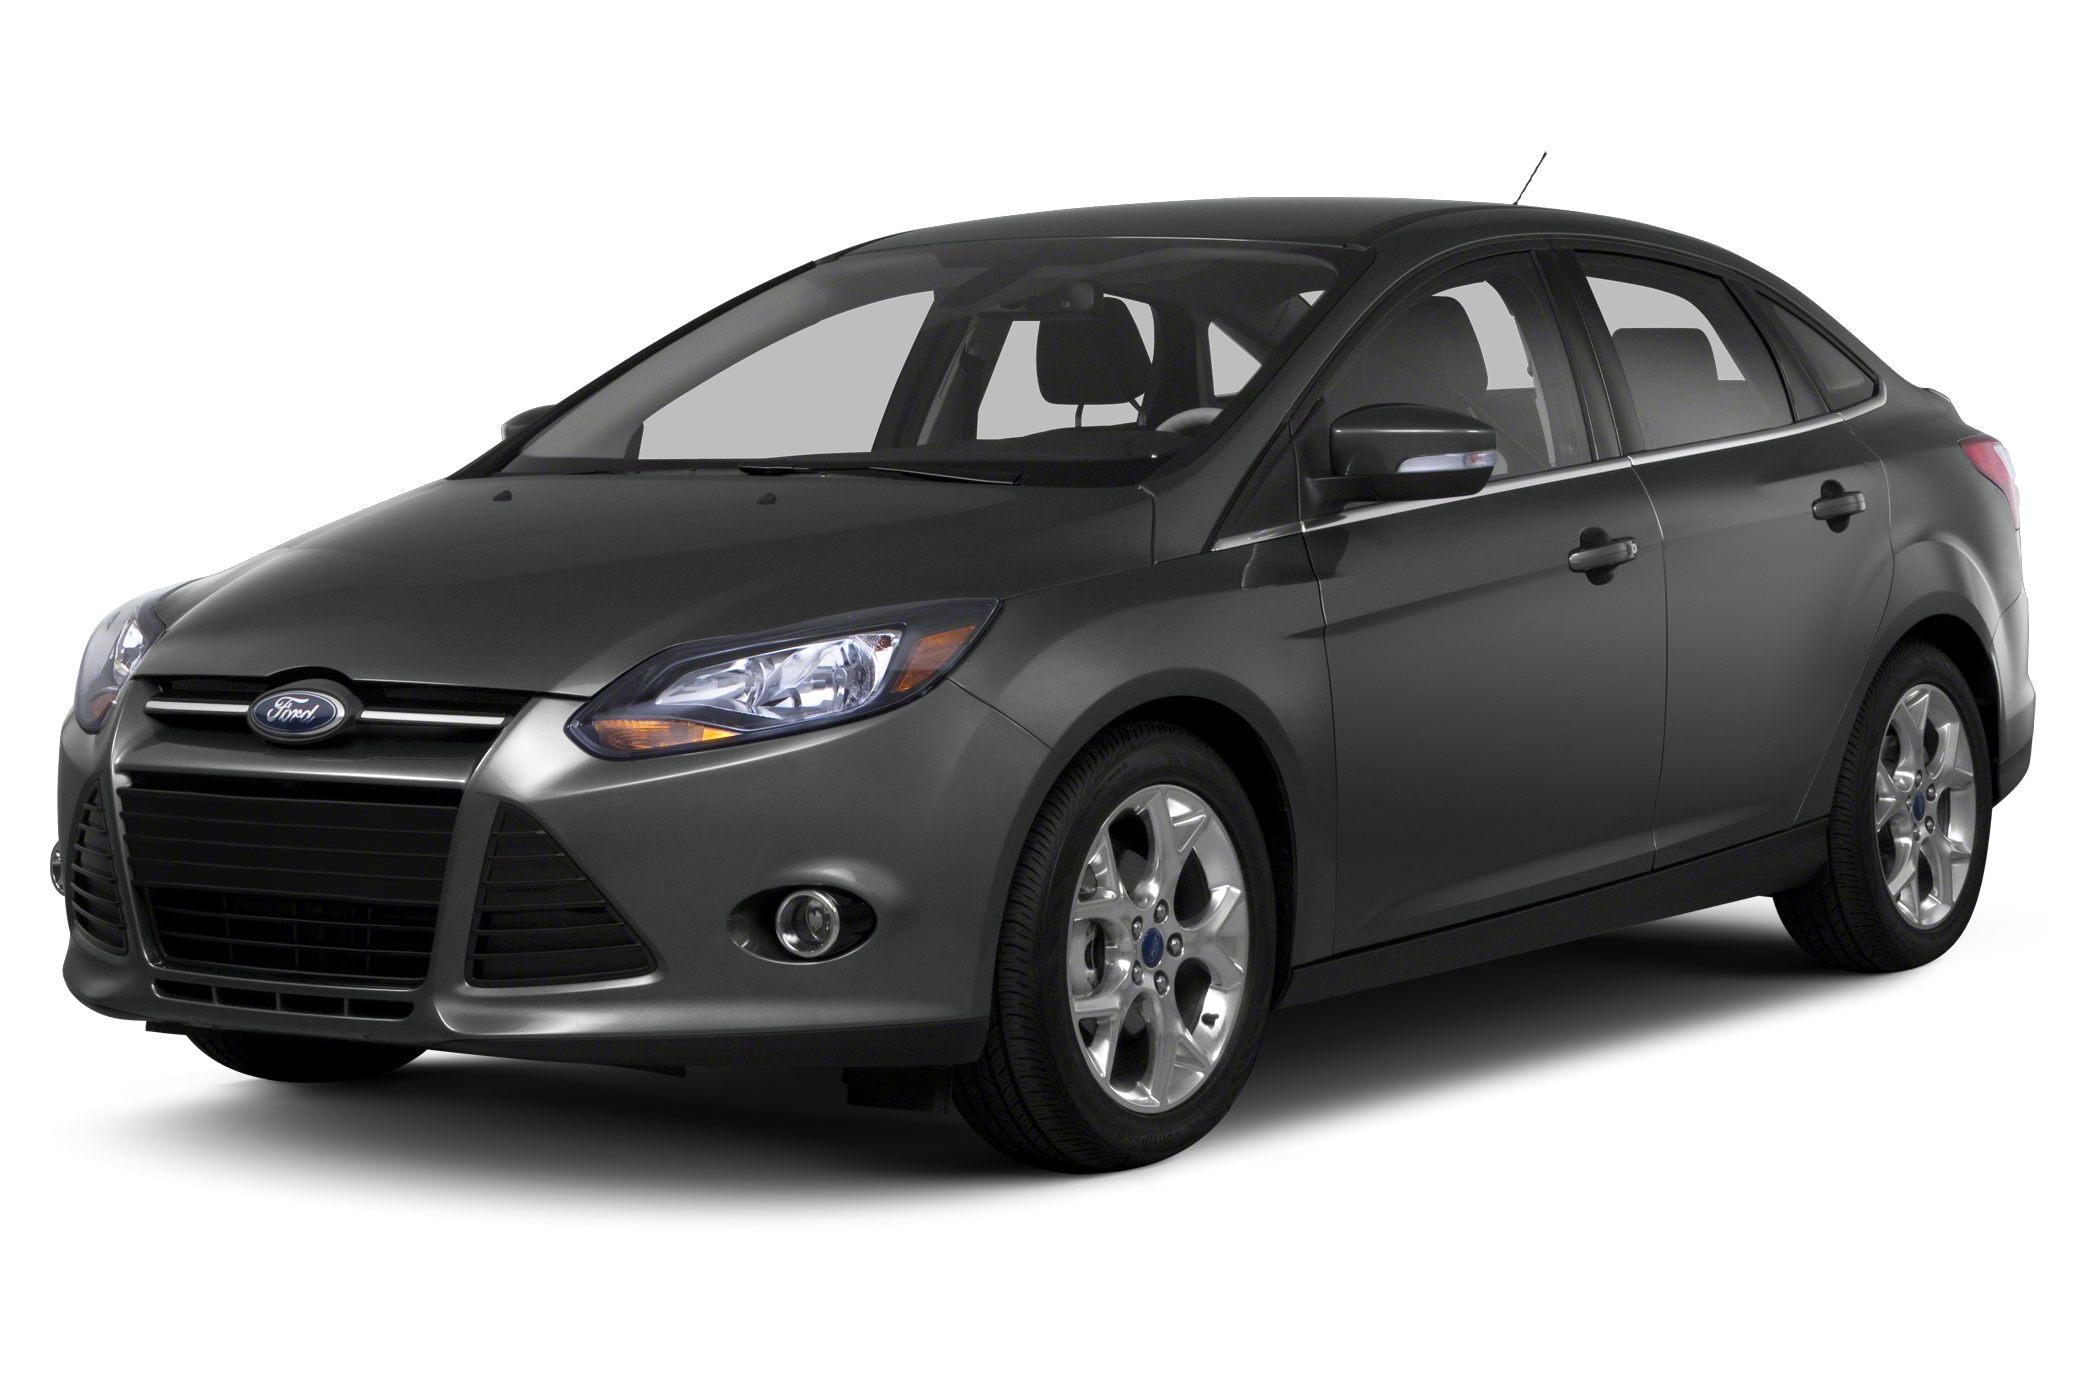 2013 Ford Focus Se Hatchback >> 2013 Ford Focus Se 4dr Sedan Pricing And Options